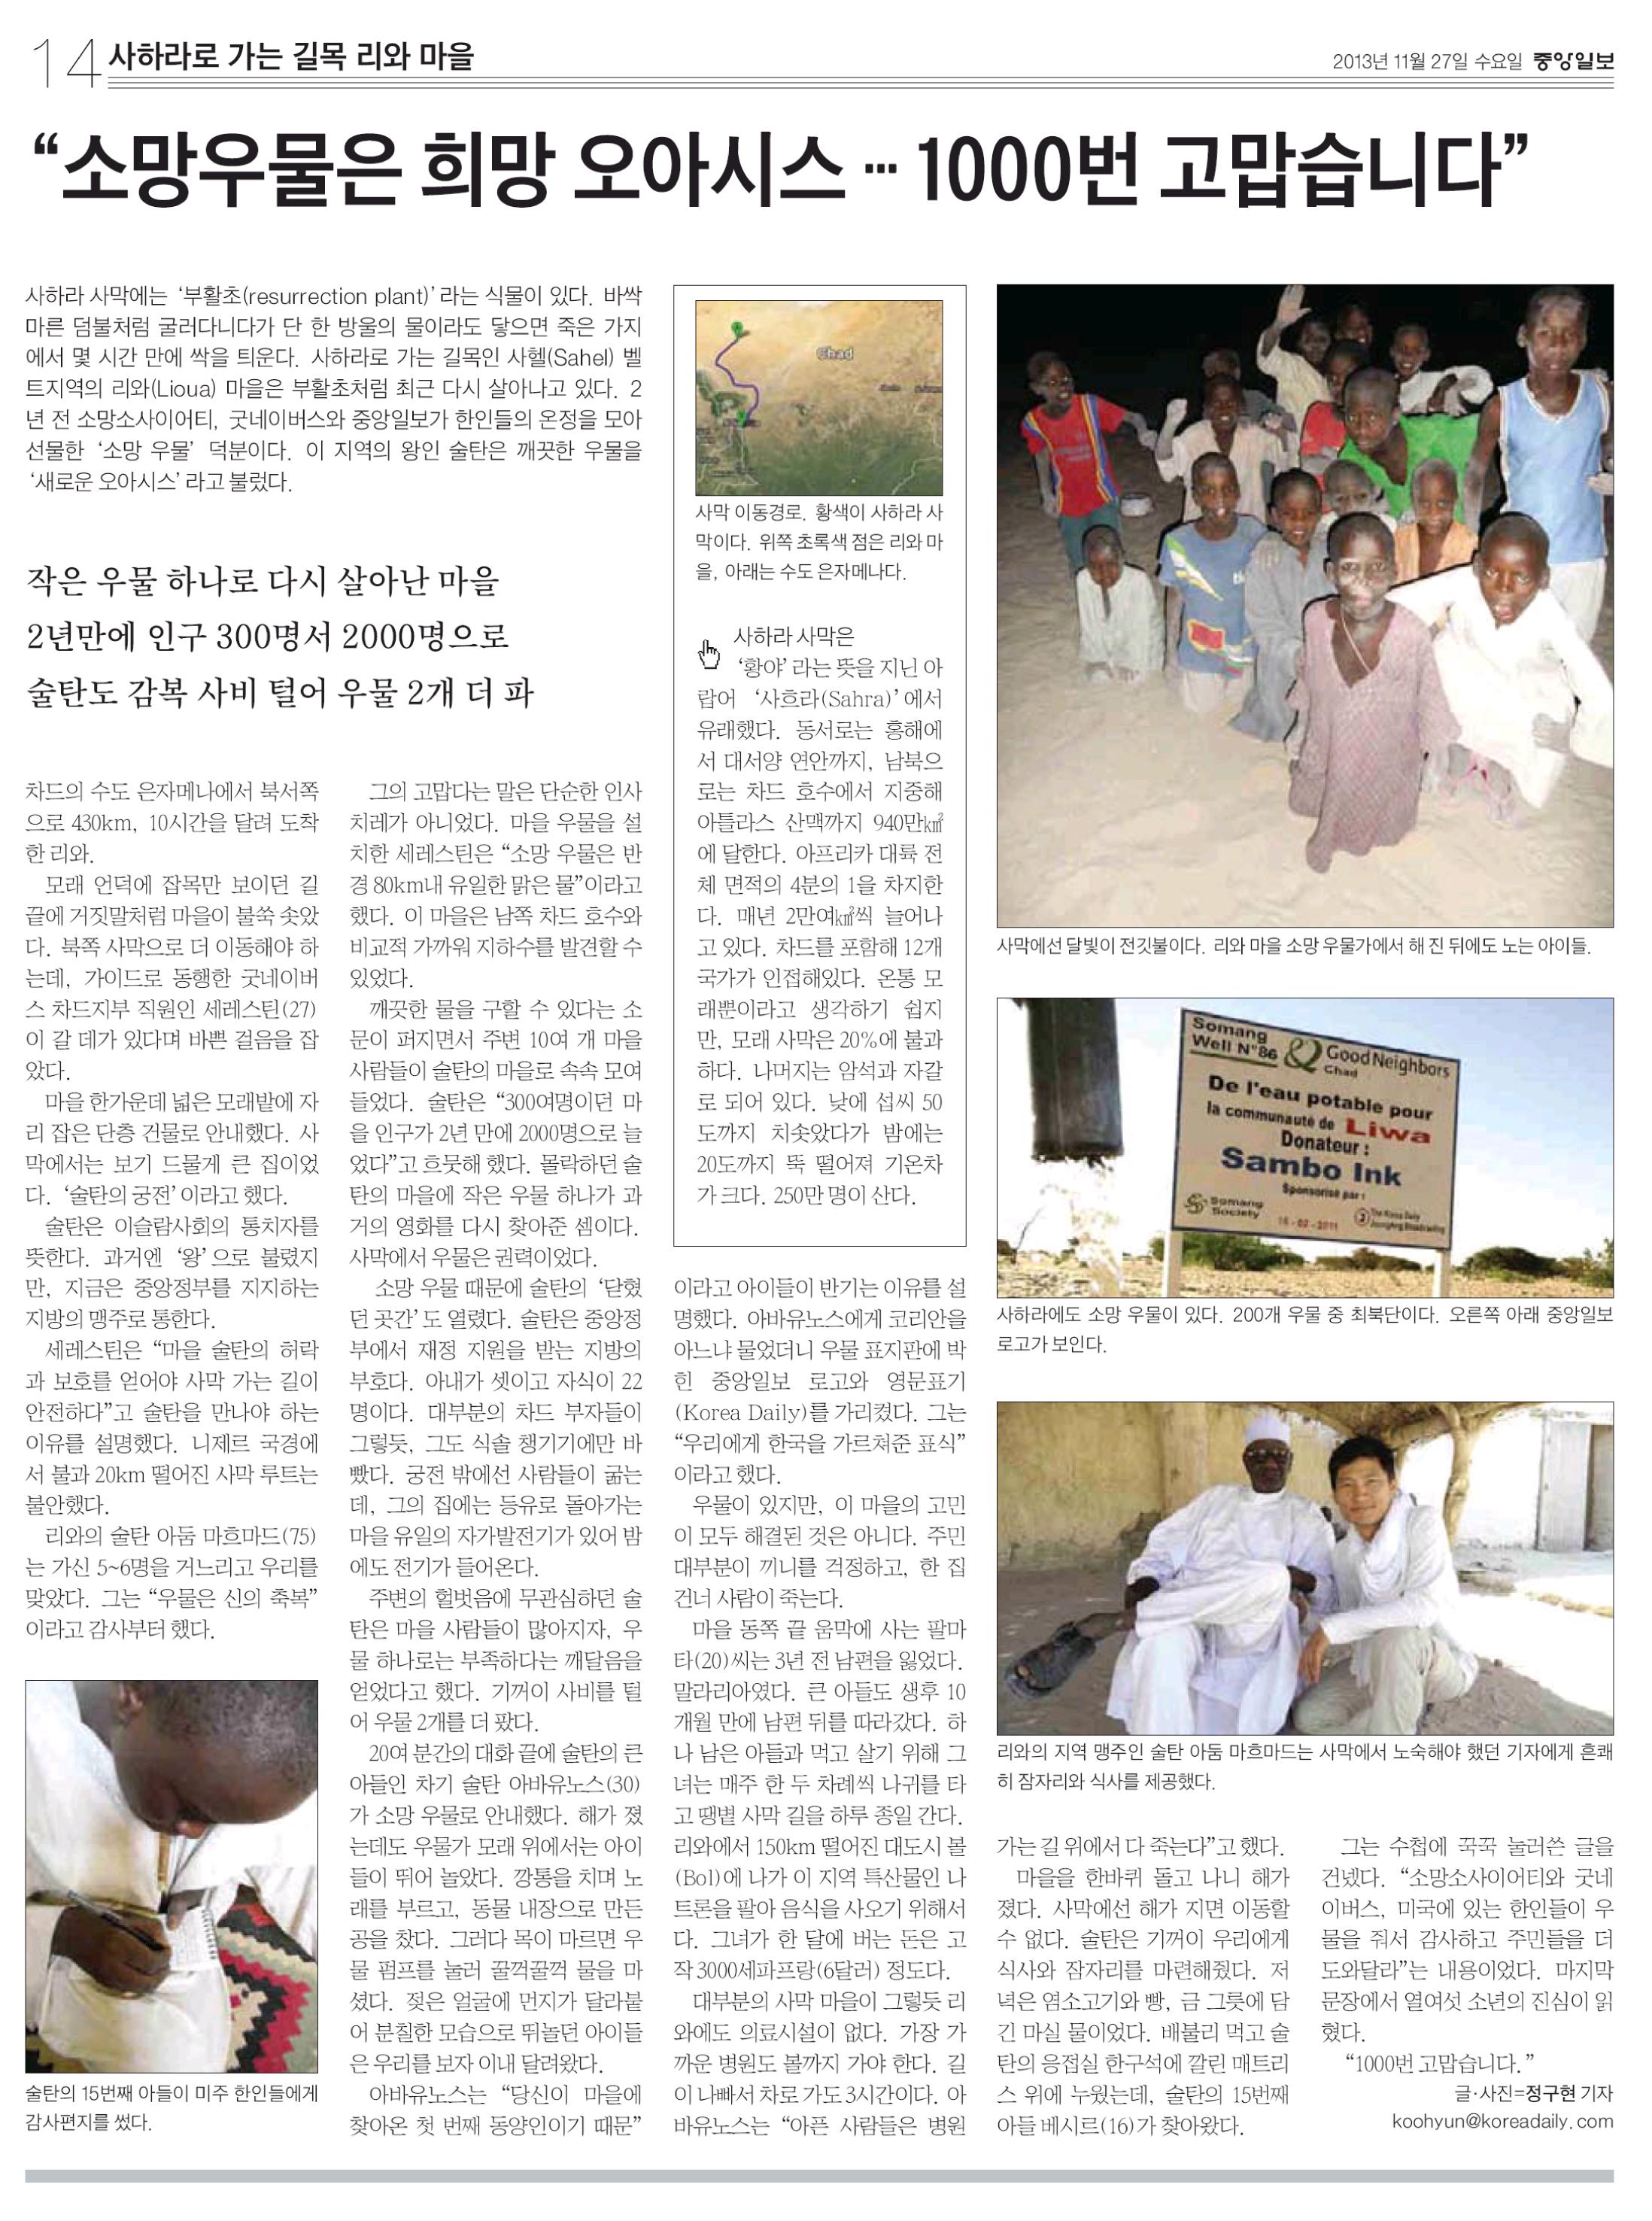 """""""소망우물은 희망 오아시스 / 1000번 고맙습니다."""" 2013년 11월 27일 중앙일보"""